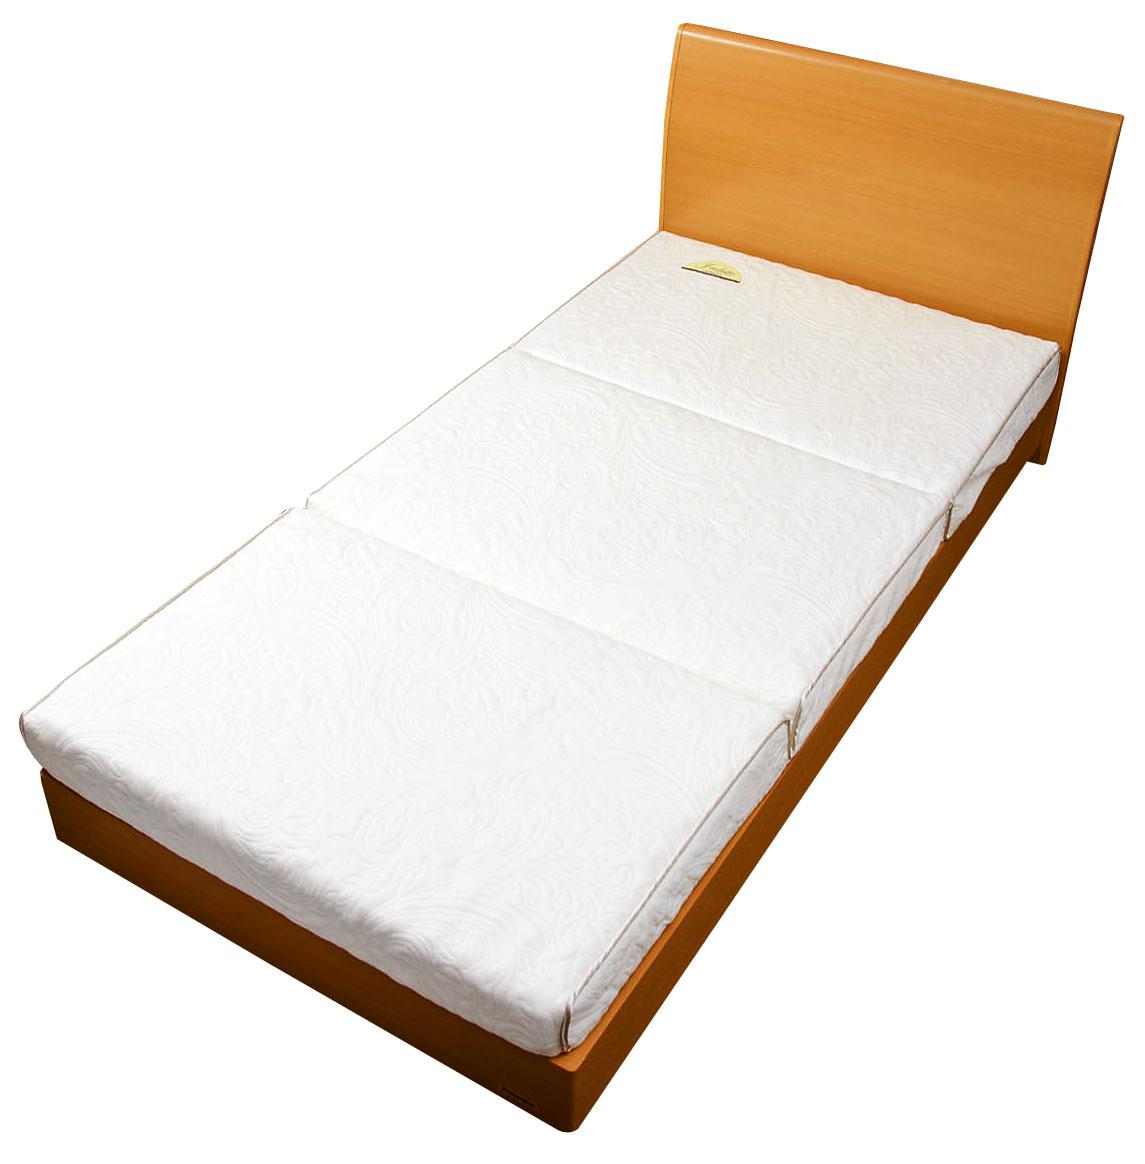 人間工学から生まれた、理想的な硬さと 構造を追求した敷ふとん【正しい寝姿勢を保つ キャップロール J-ホワイト (敷布団にもマットレスにも)[シングルロング]日本製 】